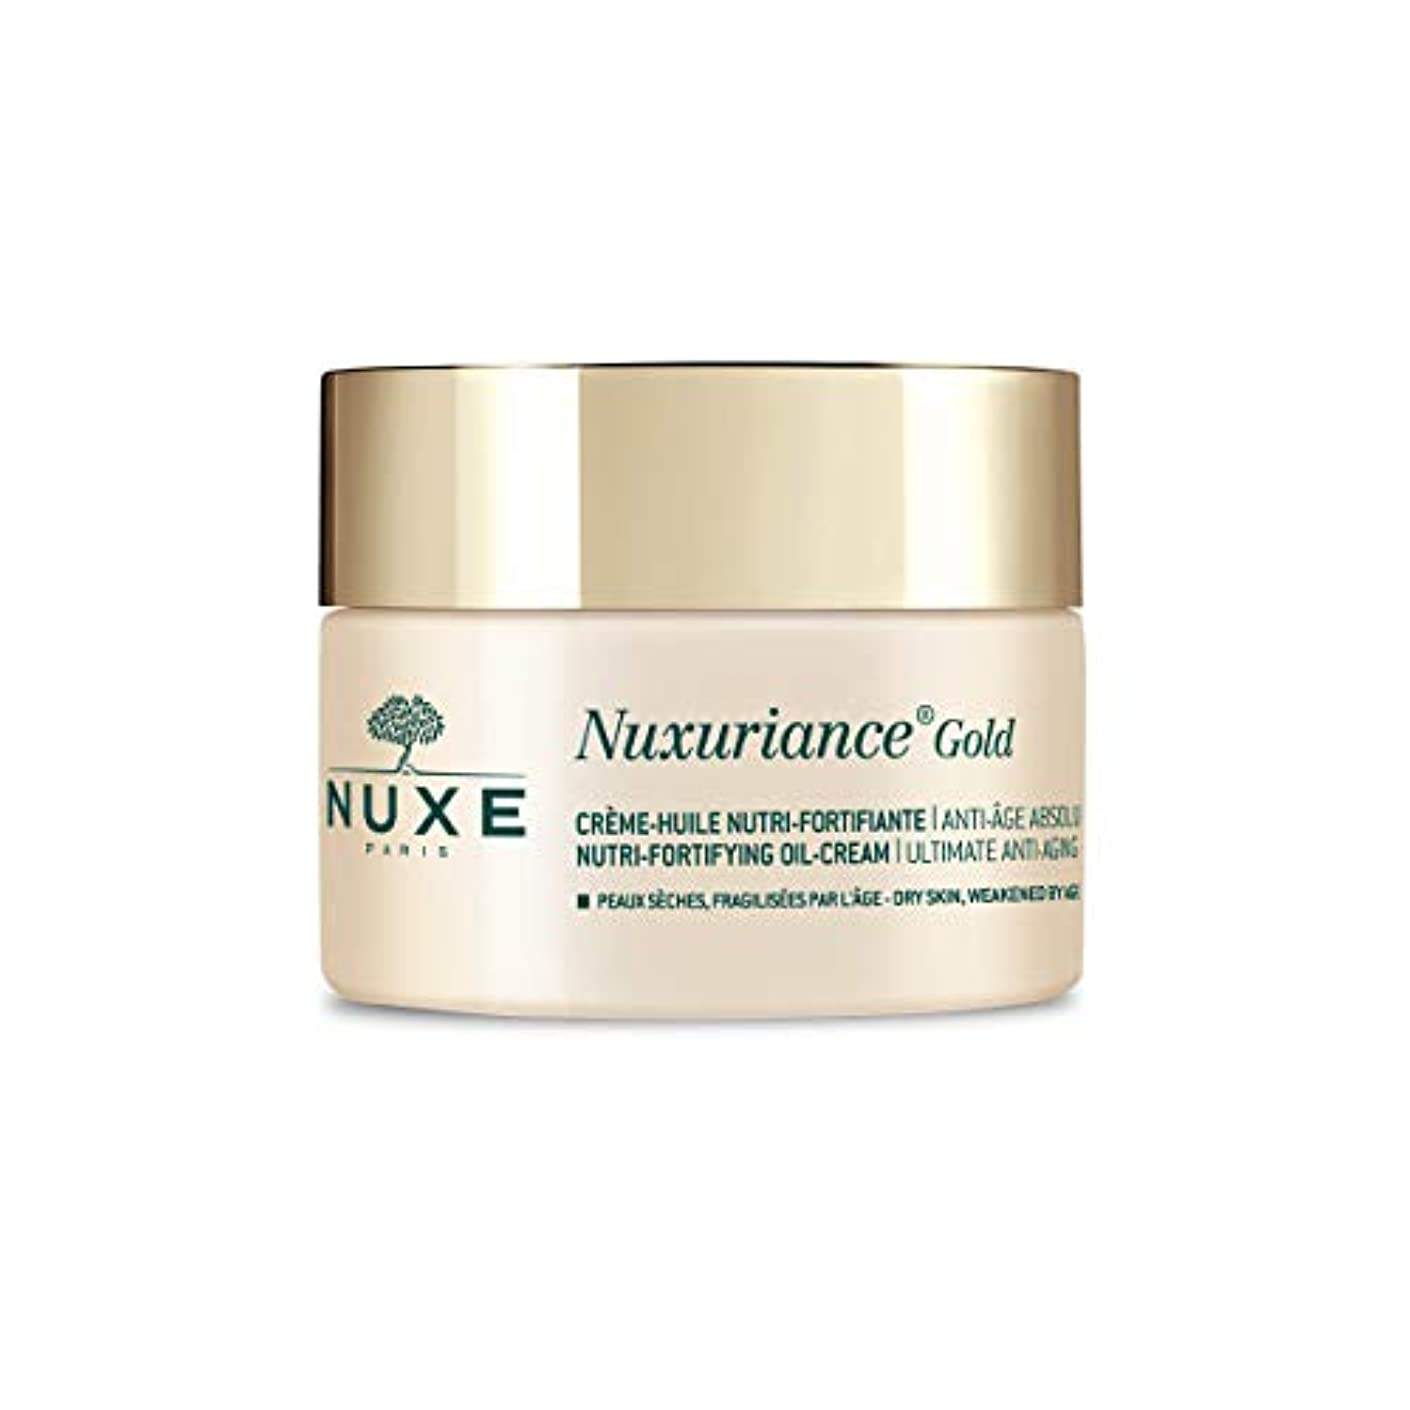 出会い寝る症候群ニュクス[NUXE] ニュクスリアンス ゴールド オイルクリーム 50ml 海外直送品